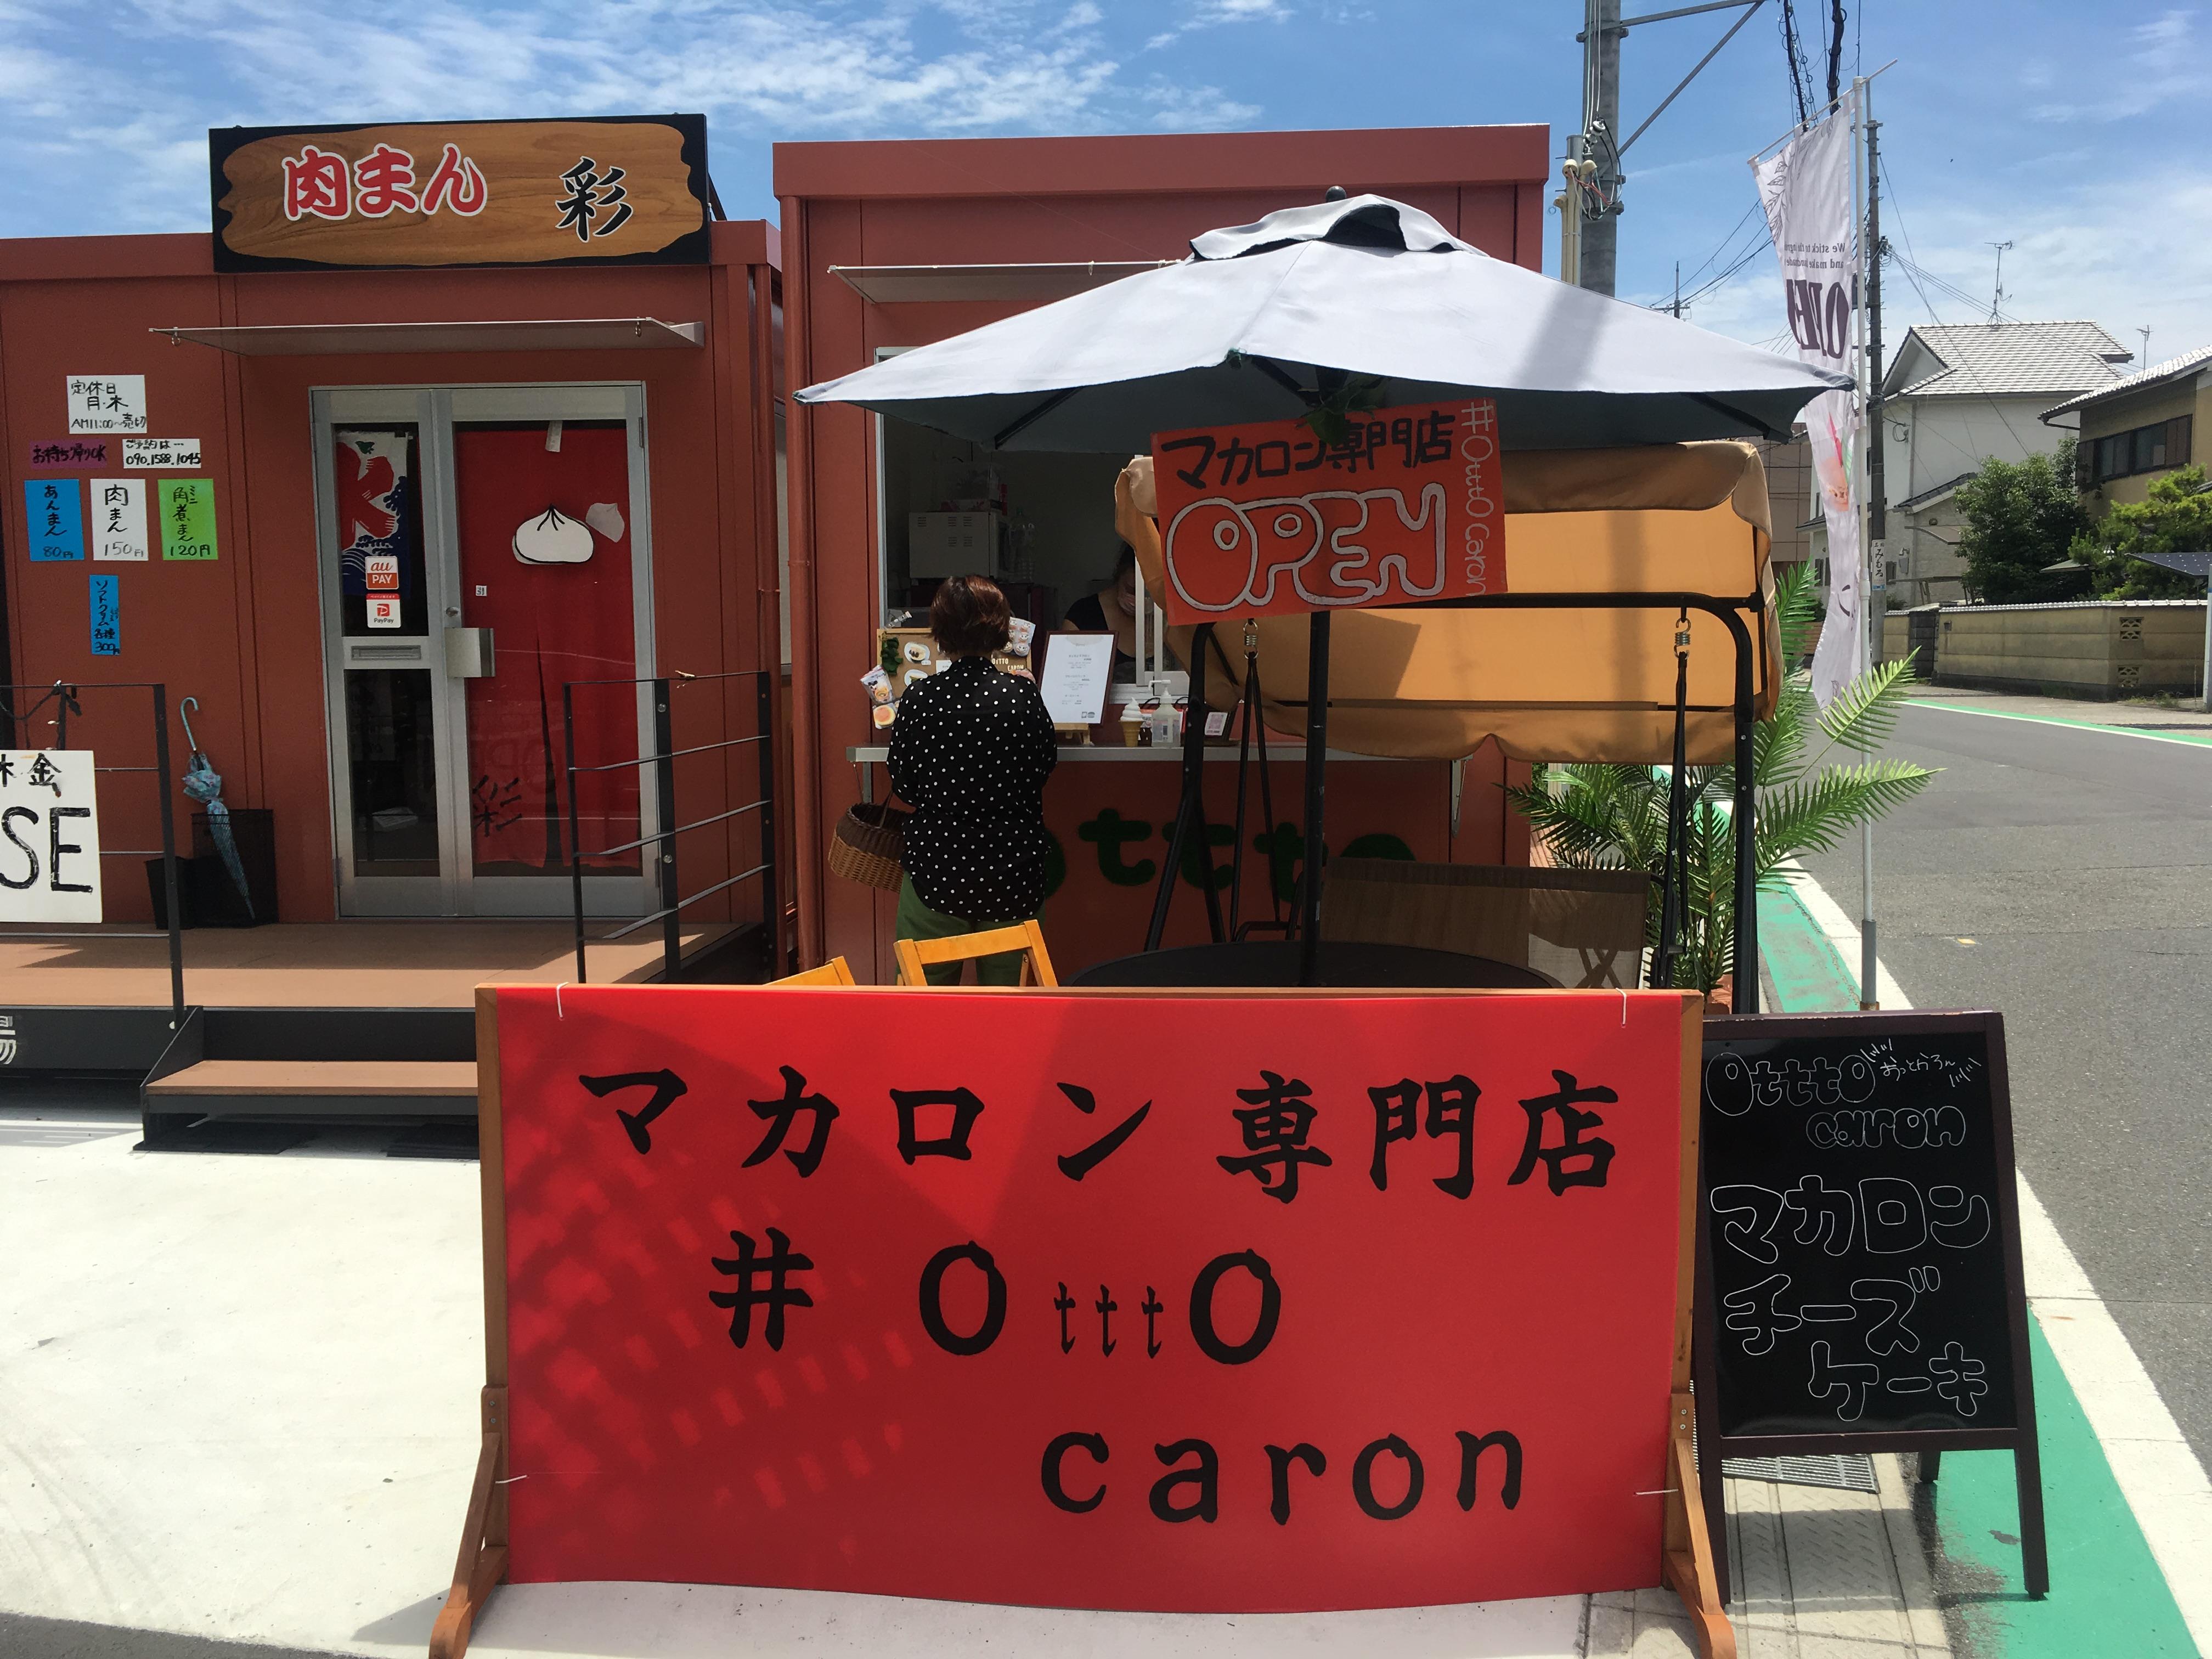 【OtttO caron】